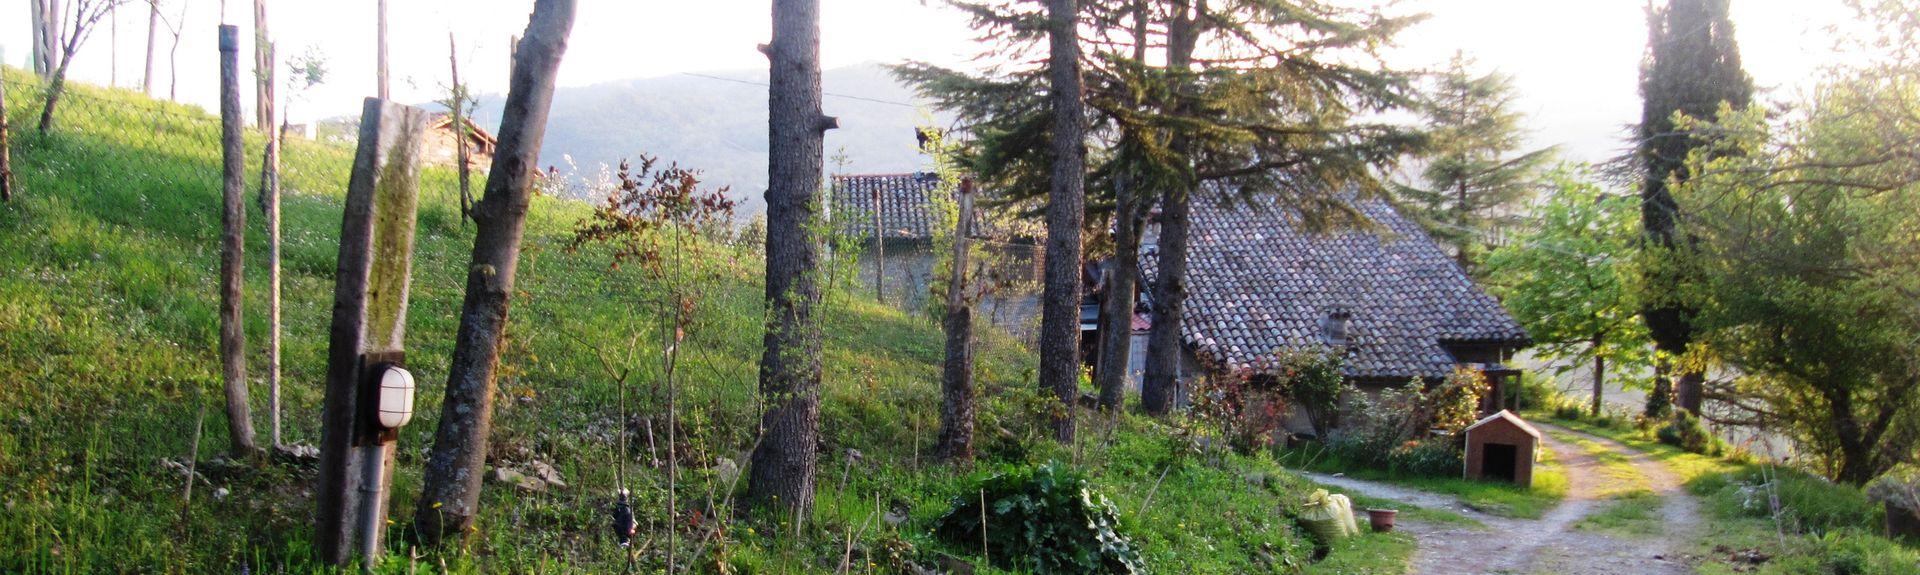 Sasso Marconi, Sasso Marconi, Emilia-Romagna, Italia